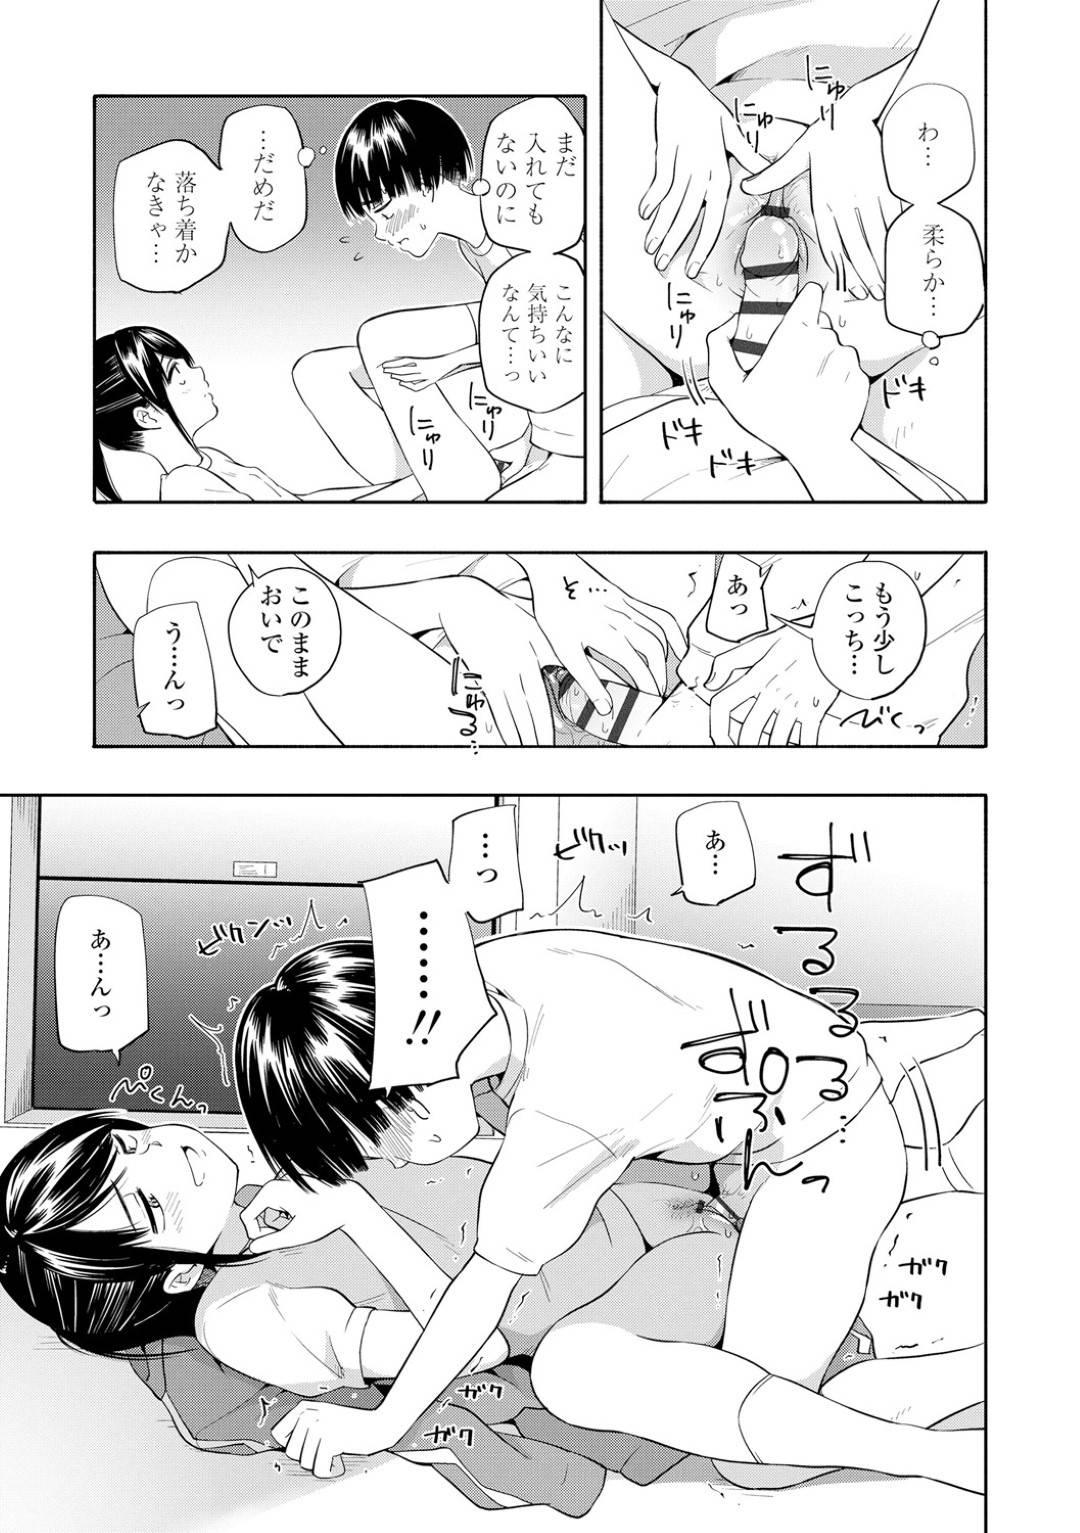 【エロ漫画】若干席を話すシャイな男子とあるマーカーペンを通じて仲良くなった美少女JC…お互いの身体にペンを使って落書きし合ううちにお互い興奮してしまう!【きいろいたまご】